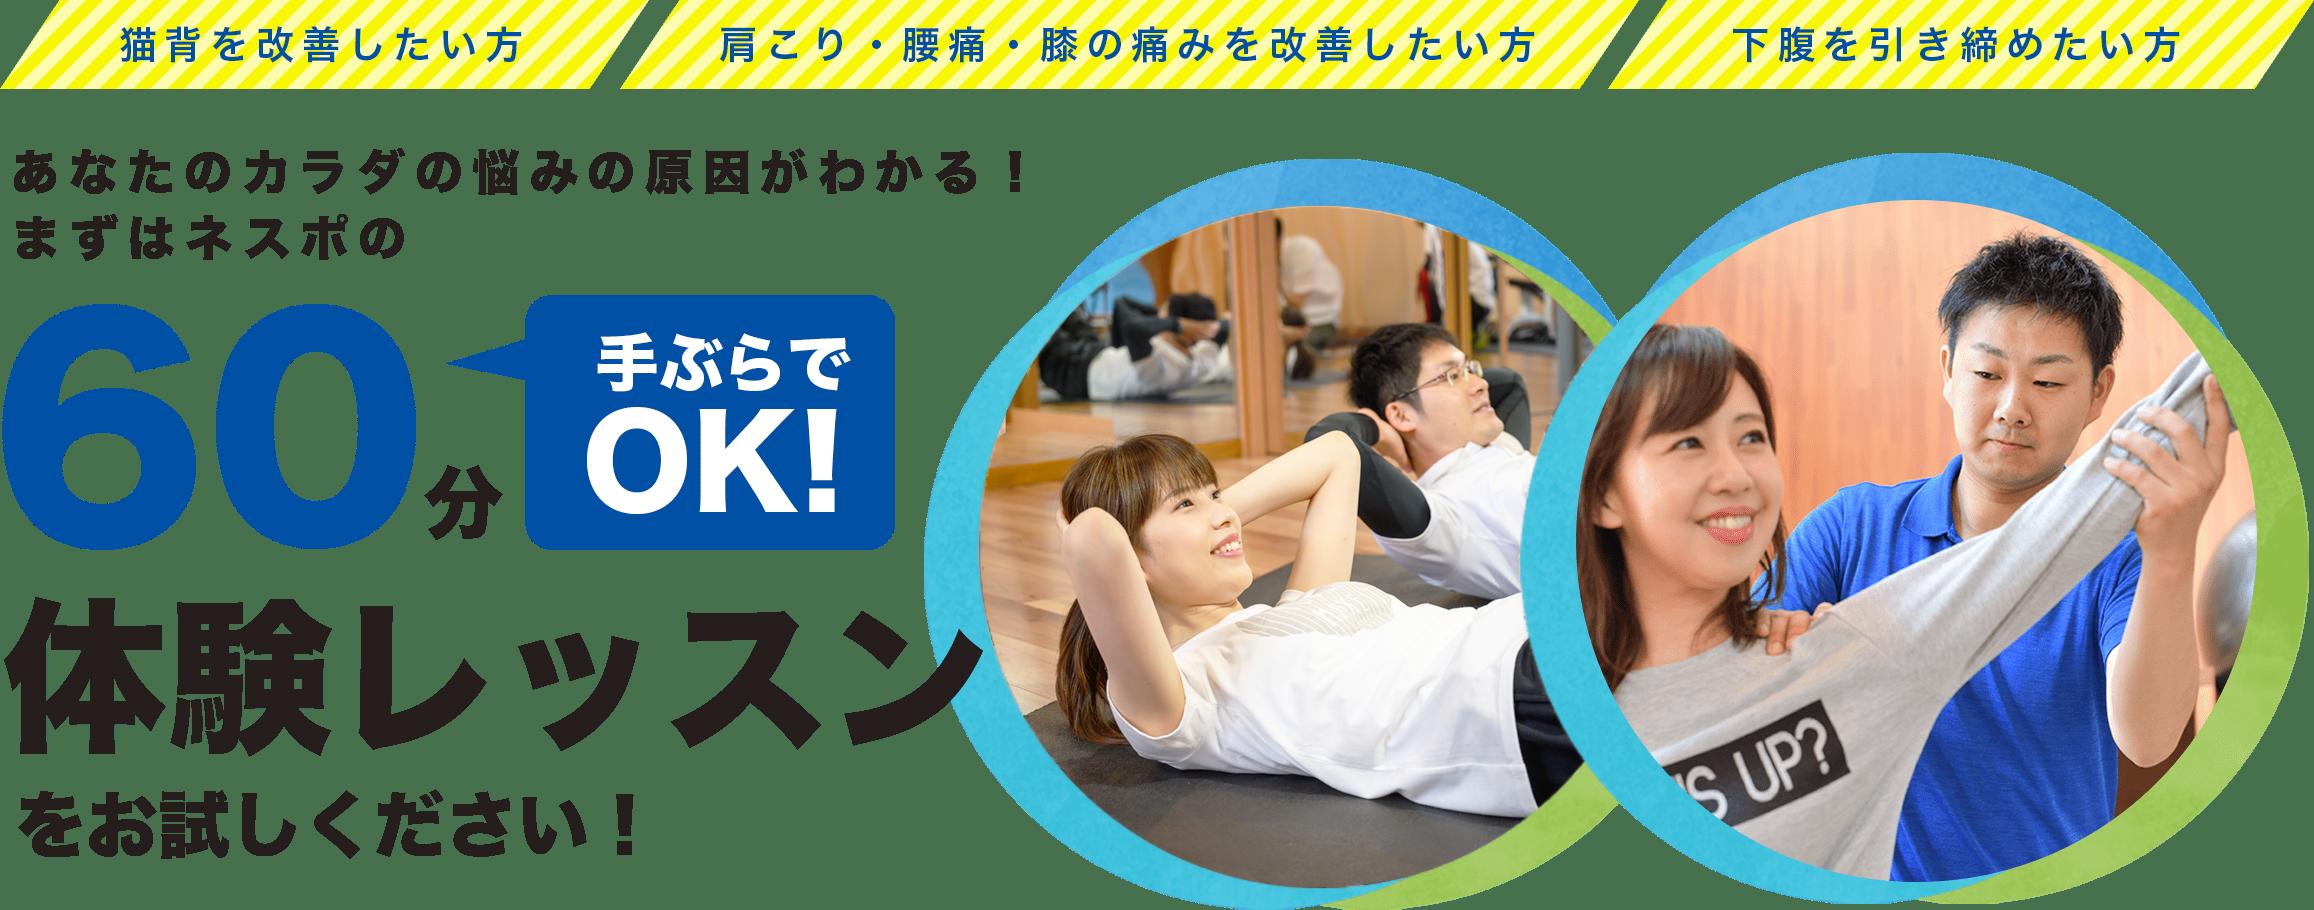 猫背を改善したい方|肩こり・腰痛・膝の痛みを改善したい方|下腹を引き締めたい方|あなたのカラダの悩みの原因がわかる!まずはネスポの60分体験レッスンをお試しください!